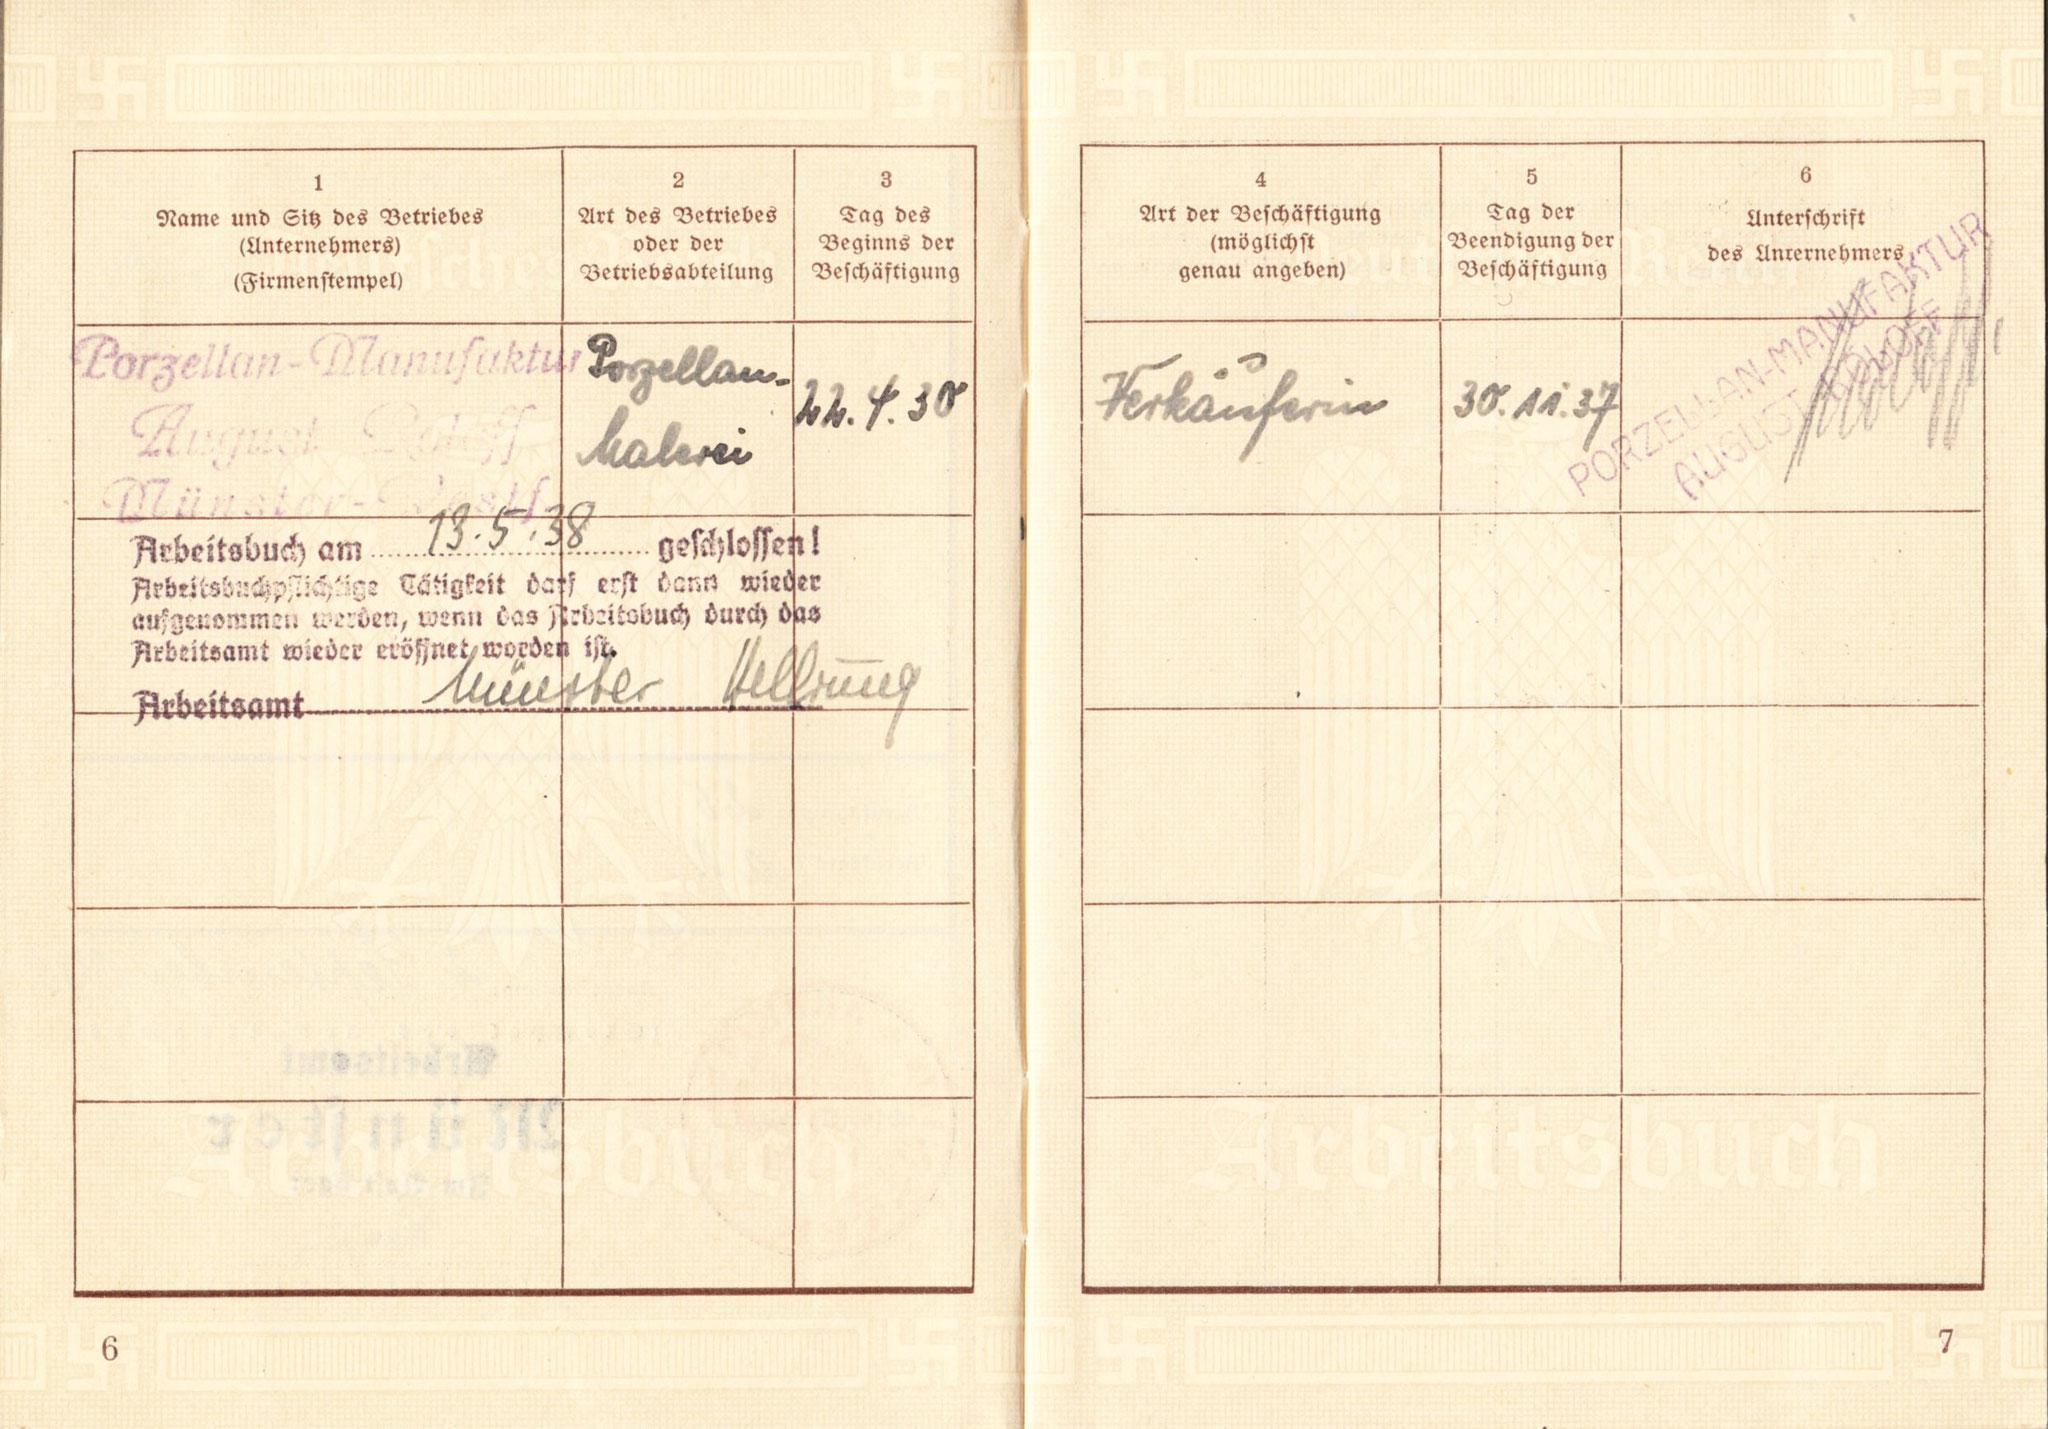 Arbeitsbuch von Hedwig Köhler, der Mutter von Herrn Irmer